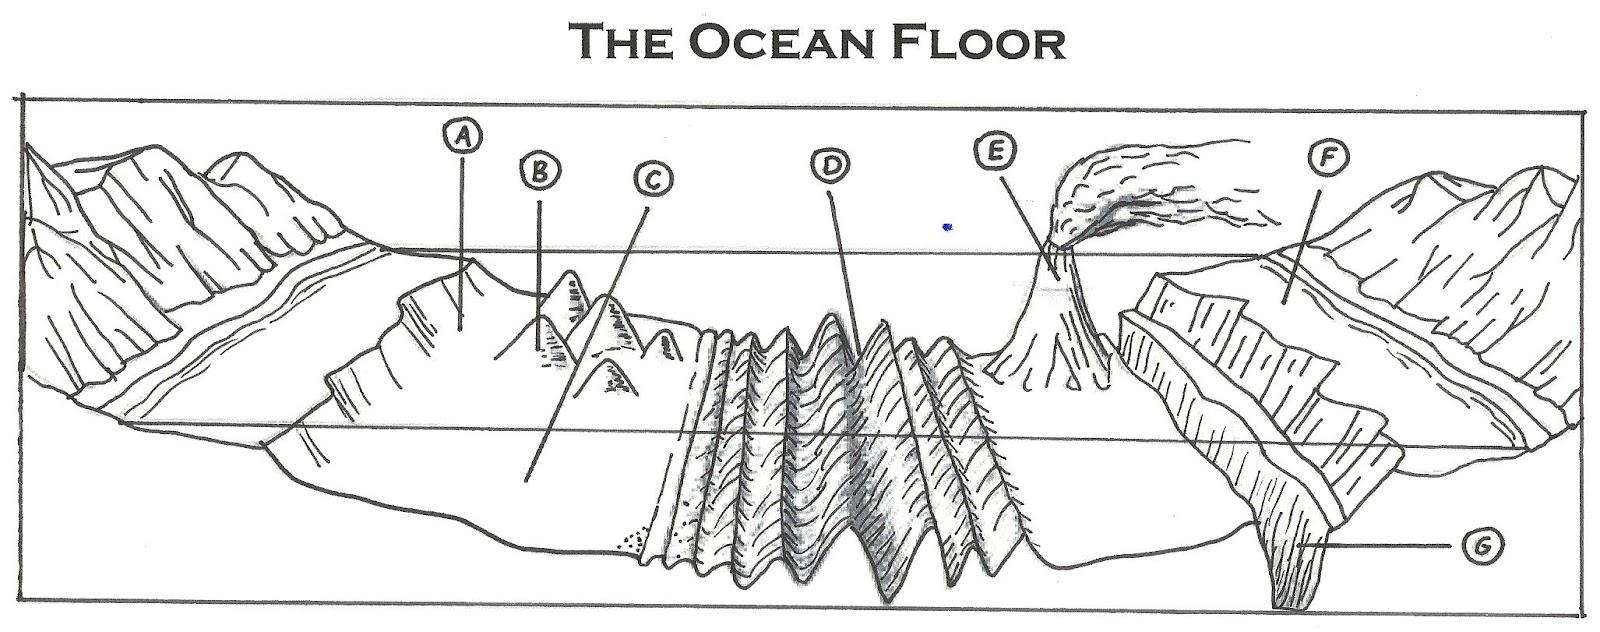 ocean floor feature review 2